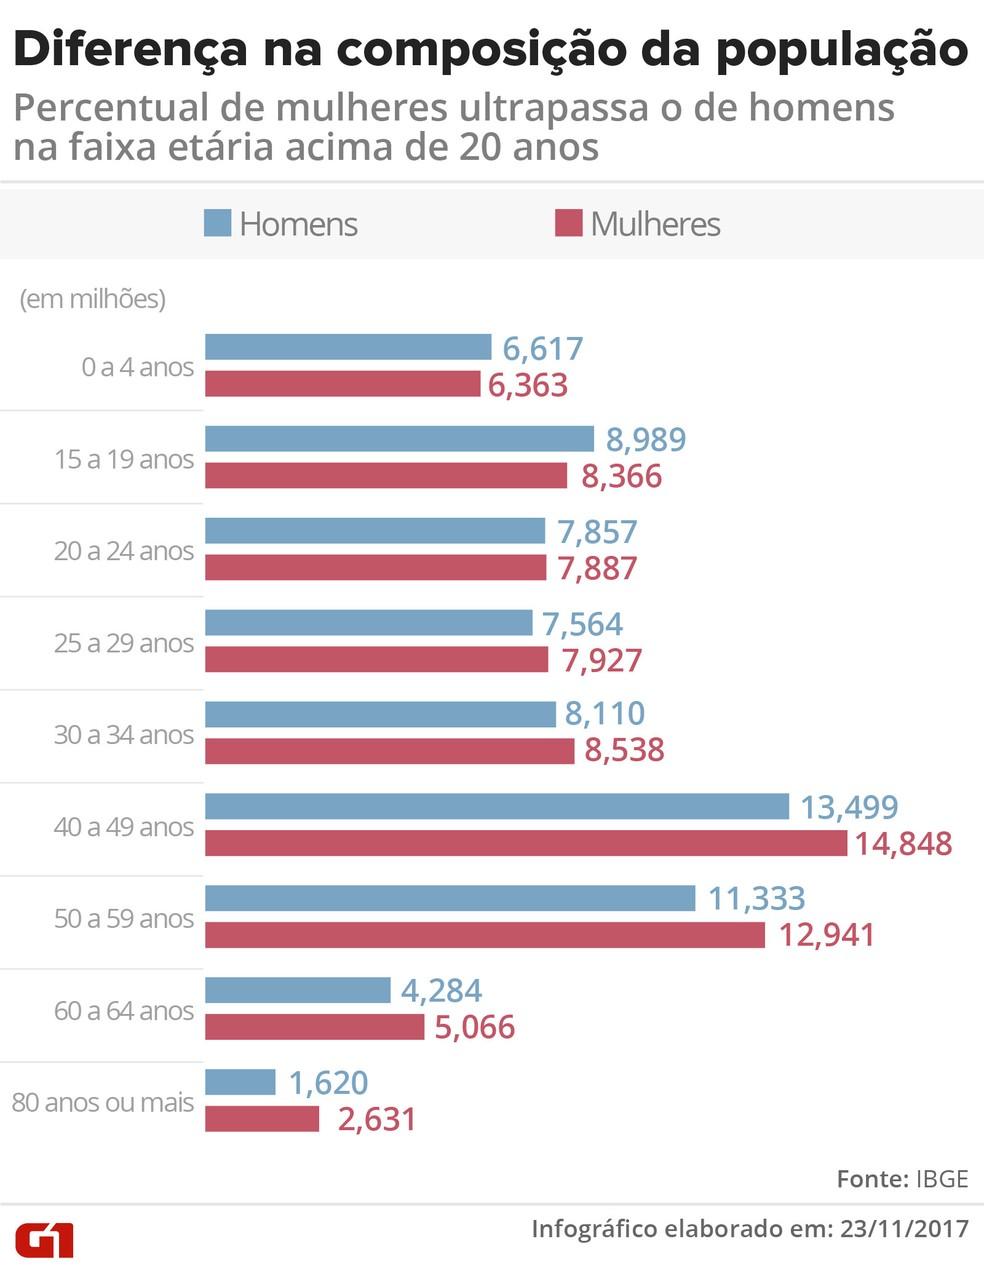 Infográfico: diferença na composição da população; percentual de homens e mulheres por faixa etária (Foto: Arte/G1)